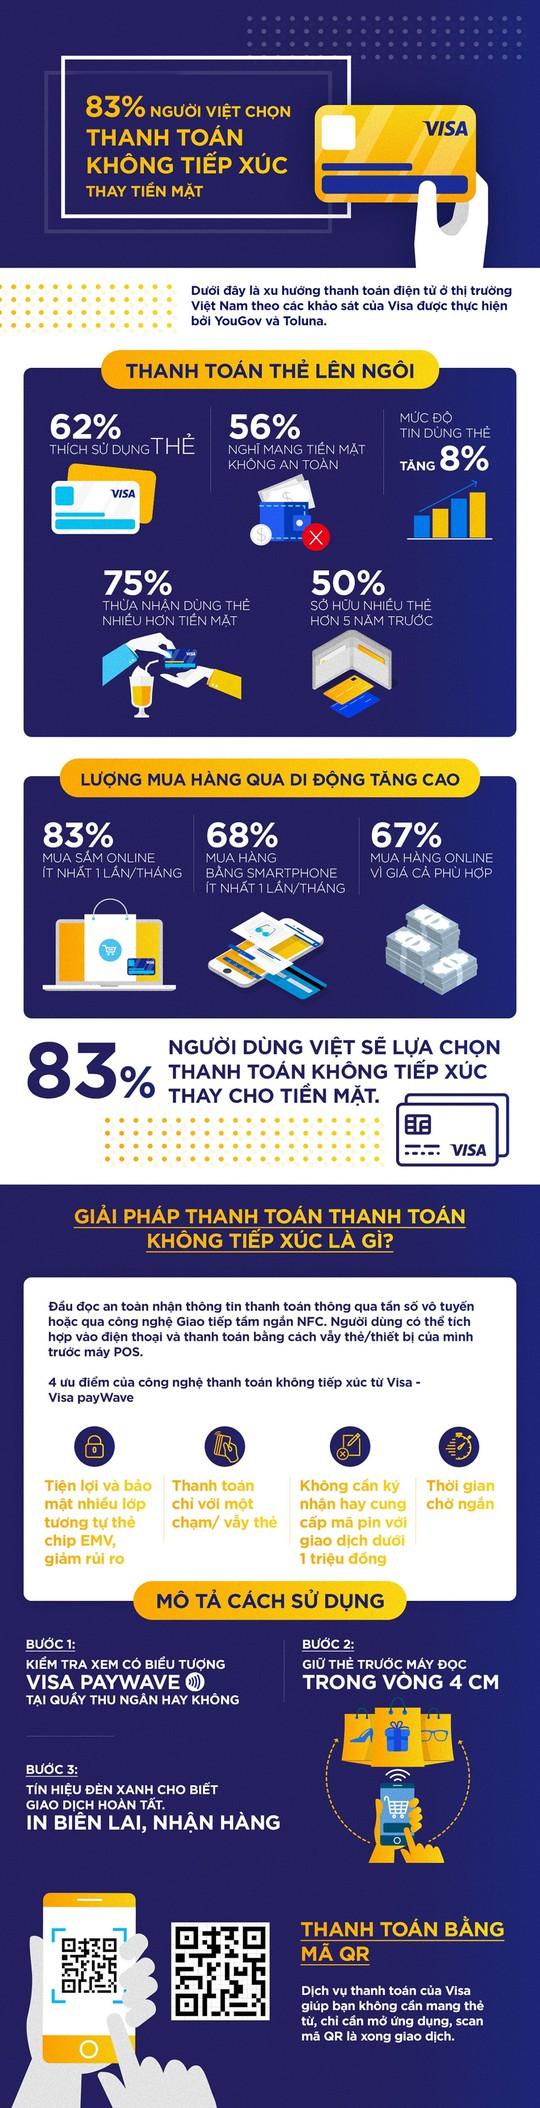 83% người Việt chọn thanh toán không tiếp xúc thay tiền mặt - Ảnh 1.